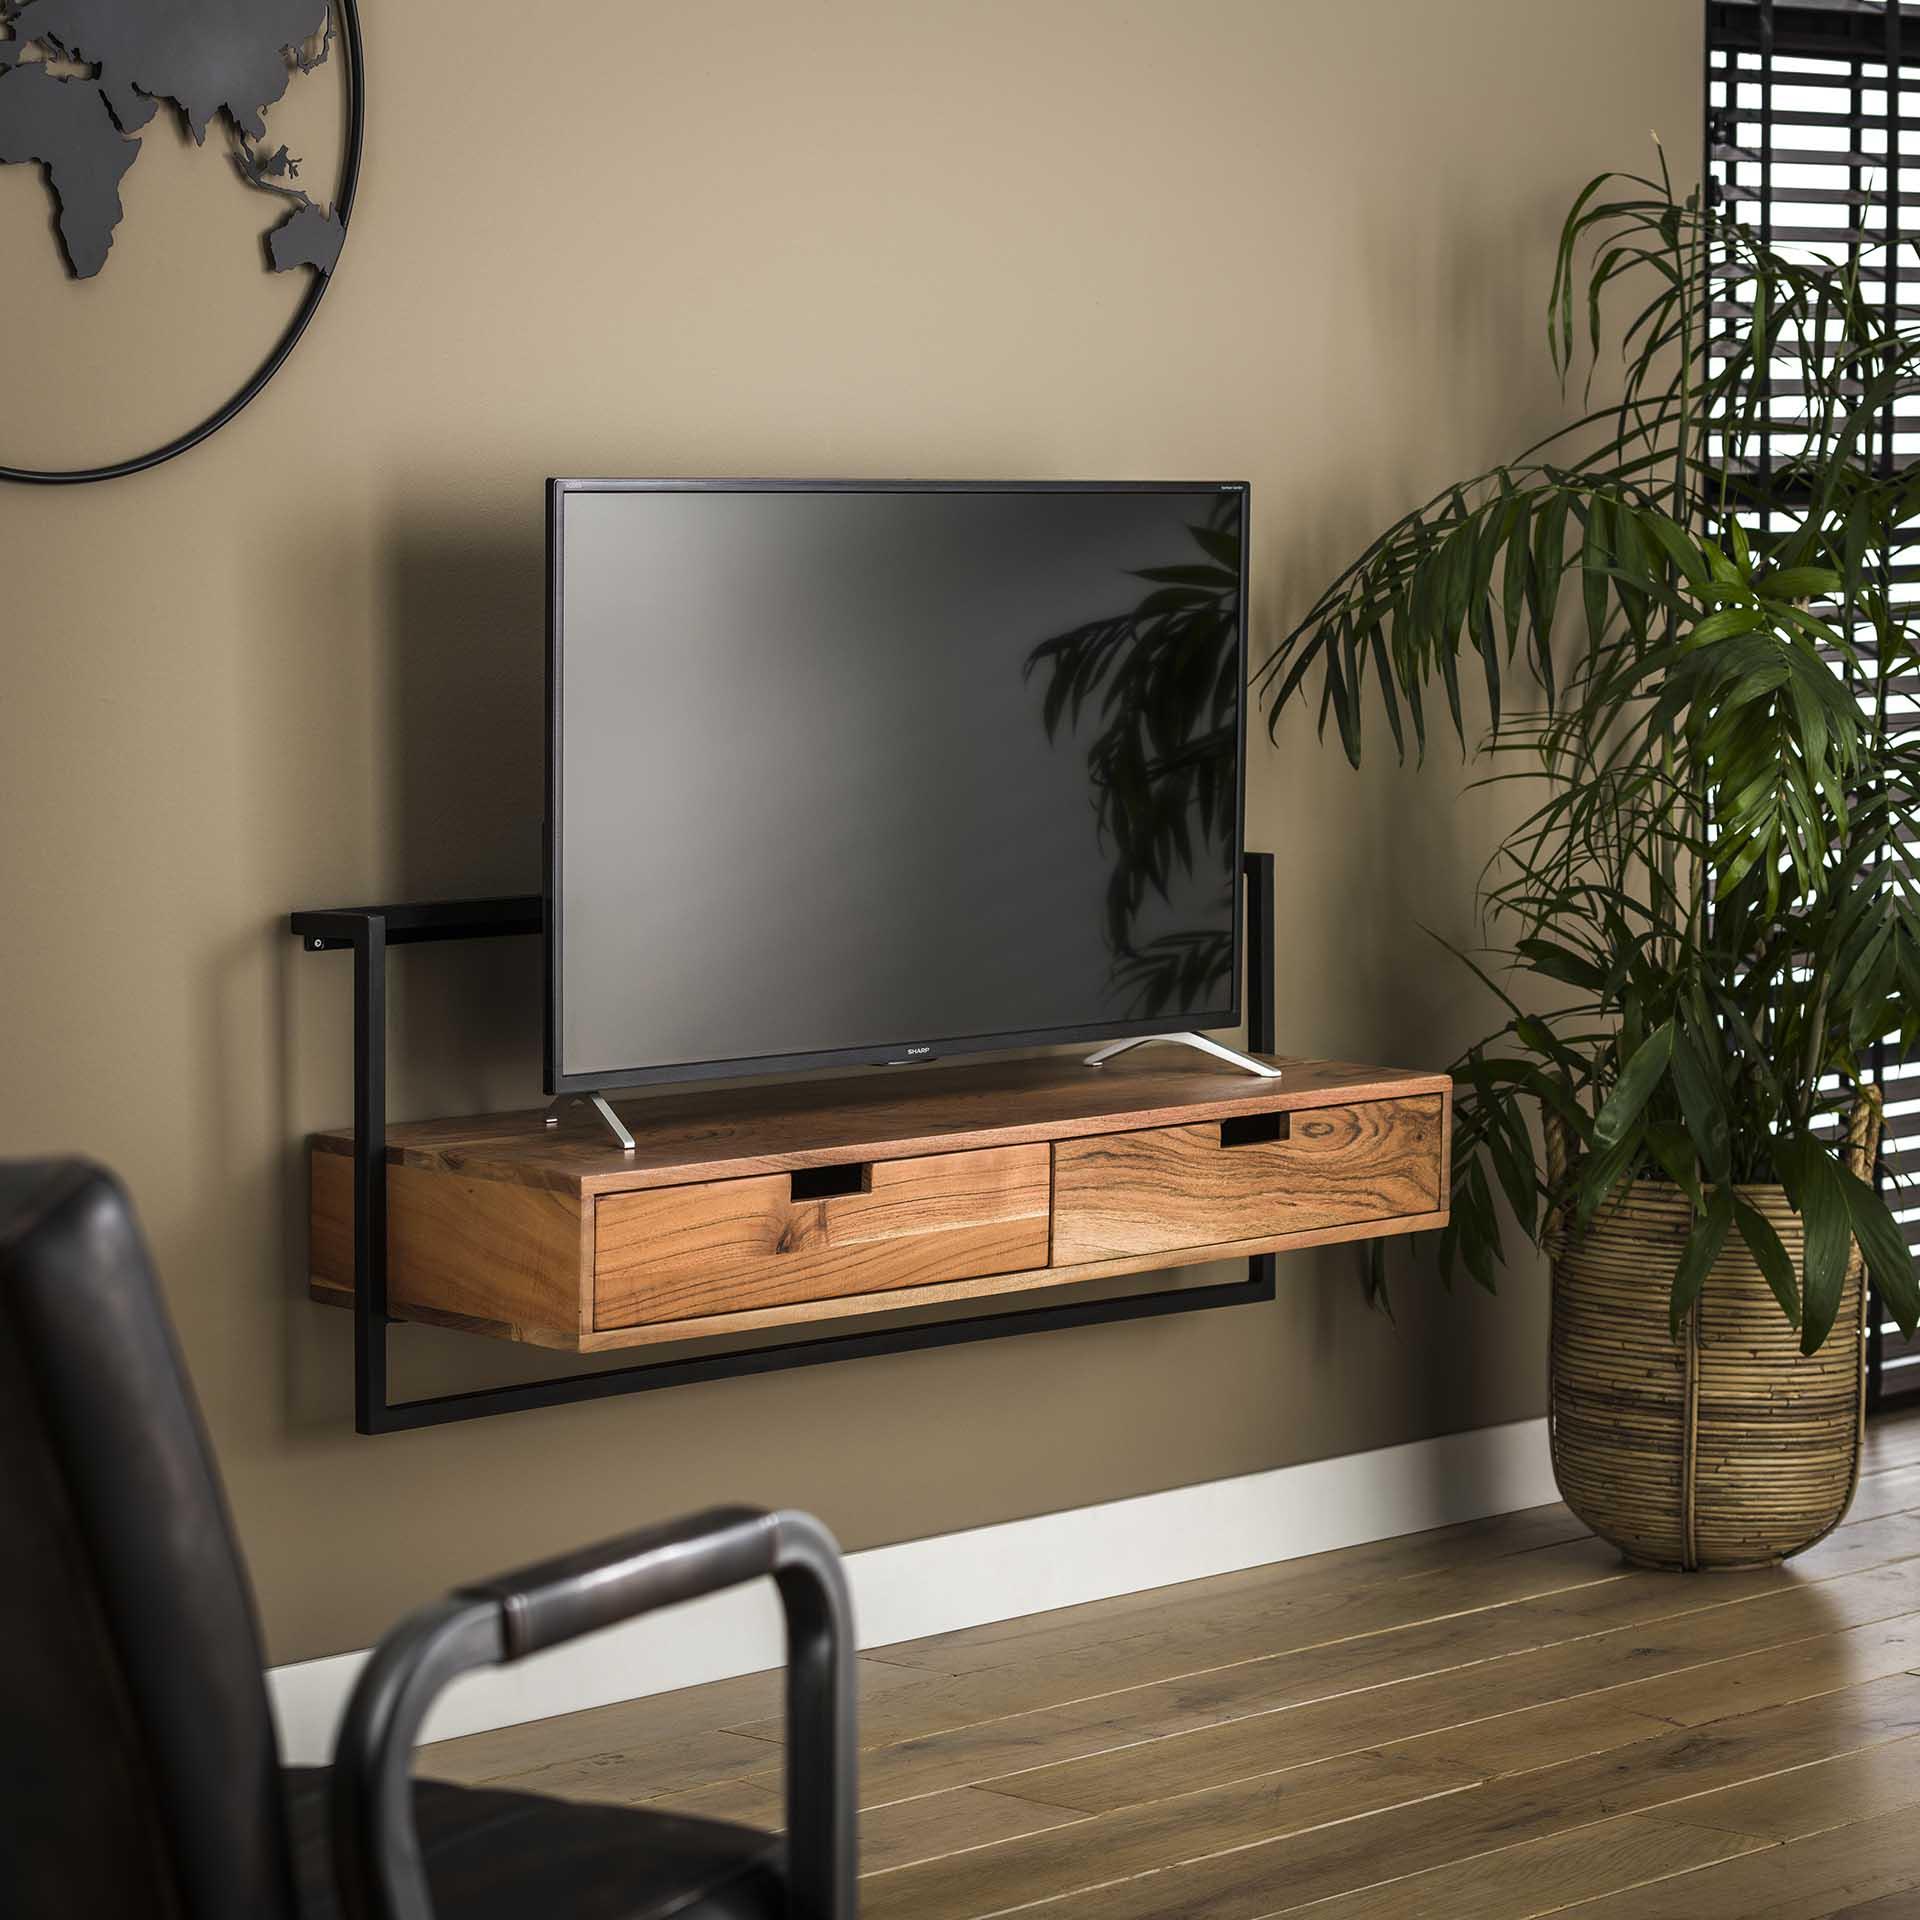 meuble tv suspendu en bois et metal melbourne meubles tv pier import